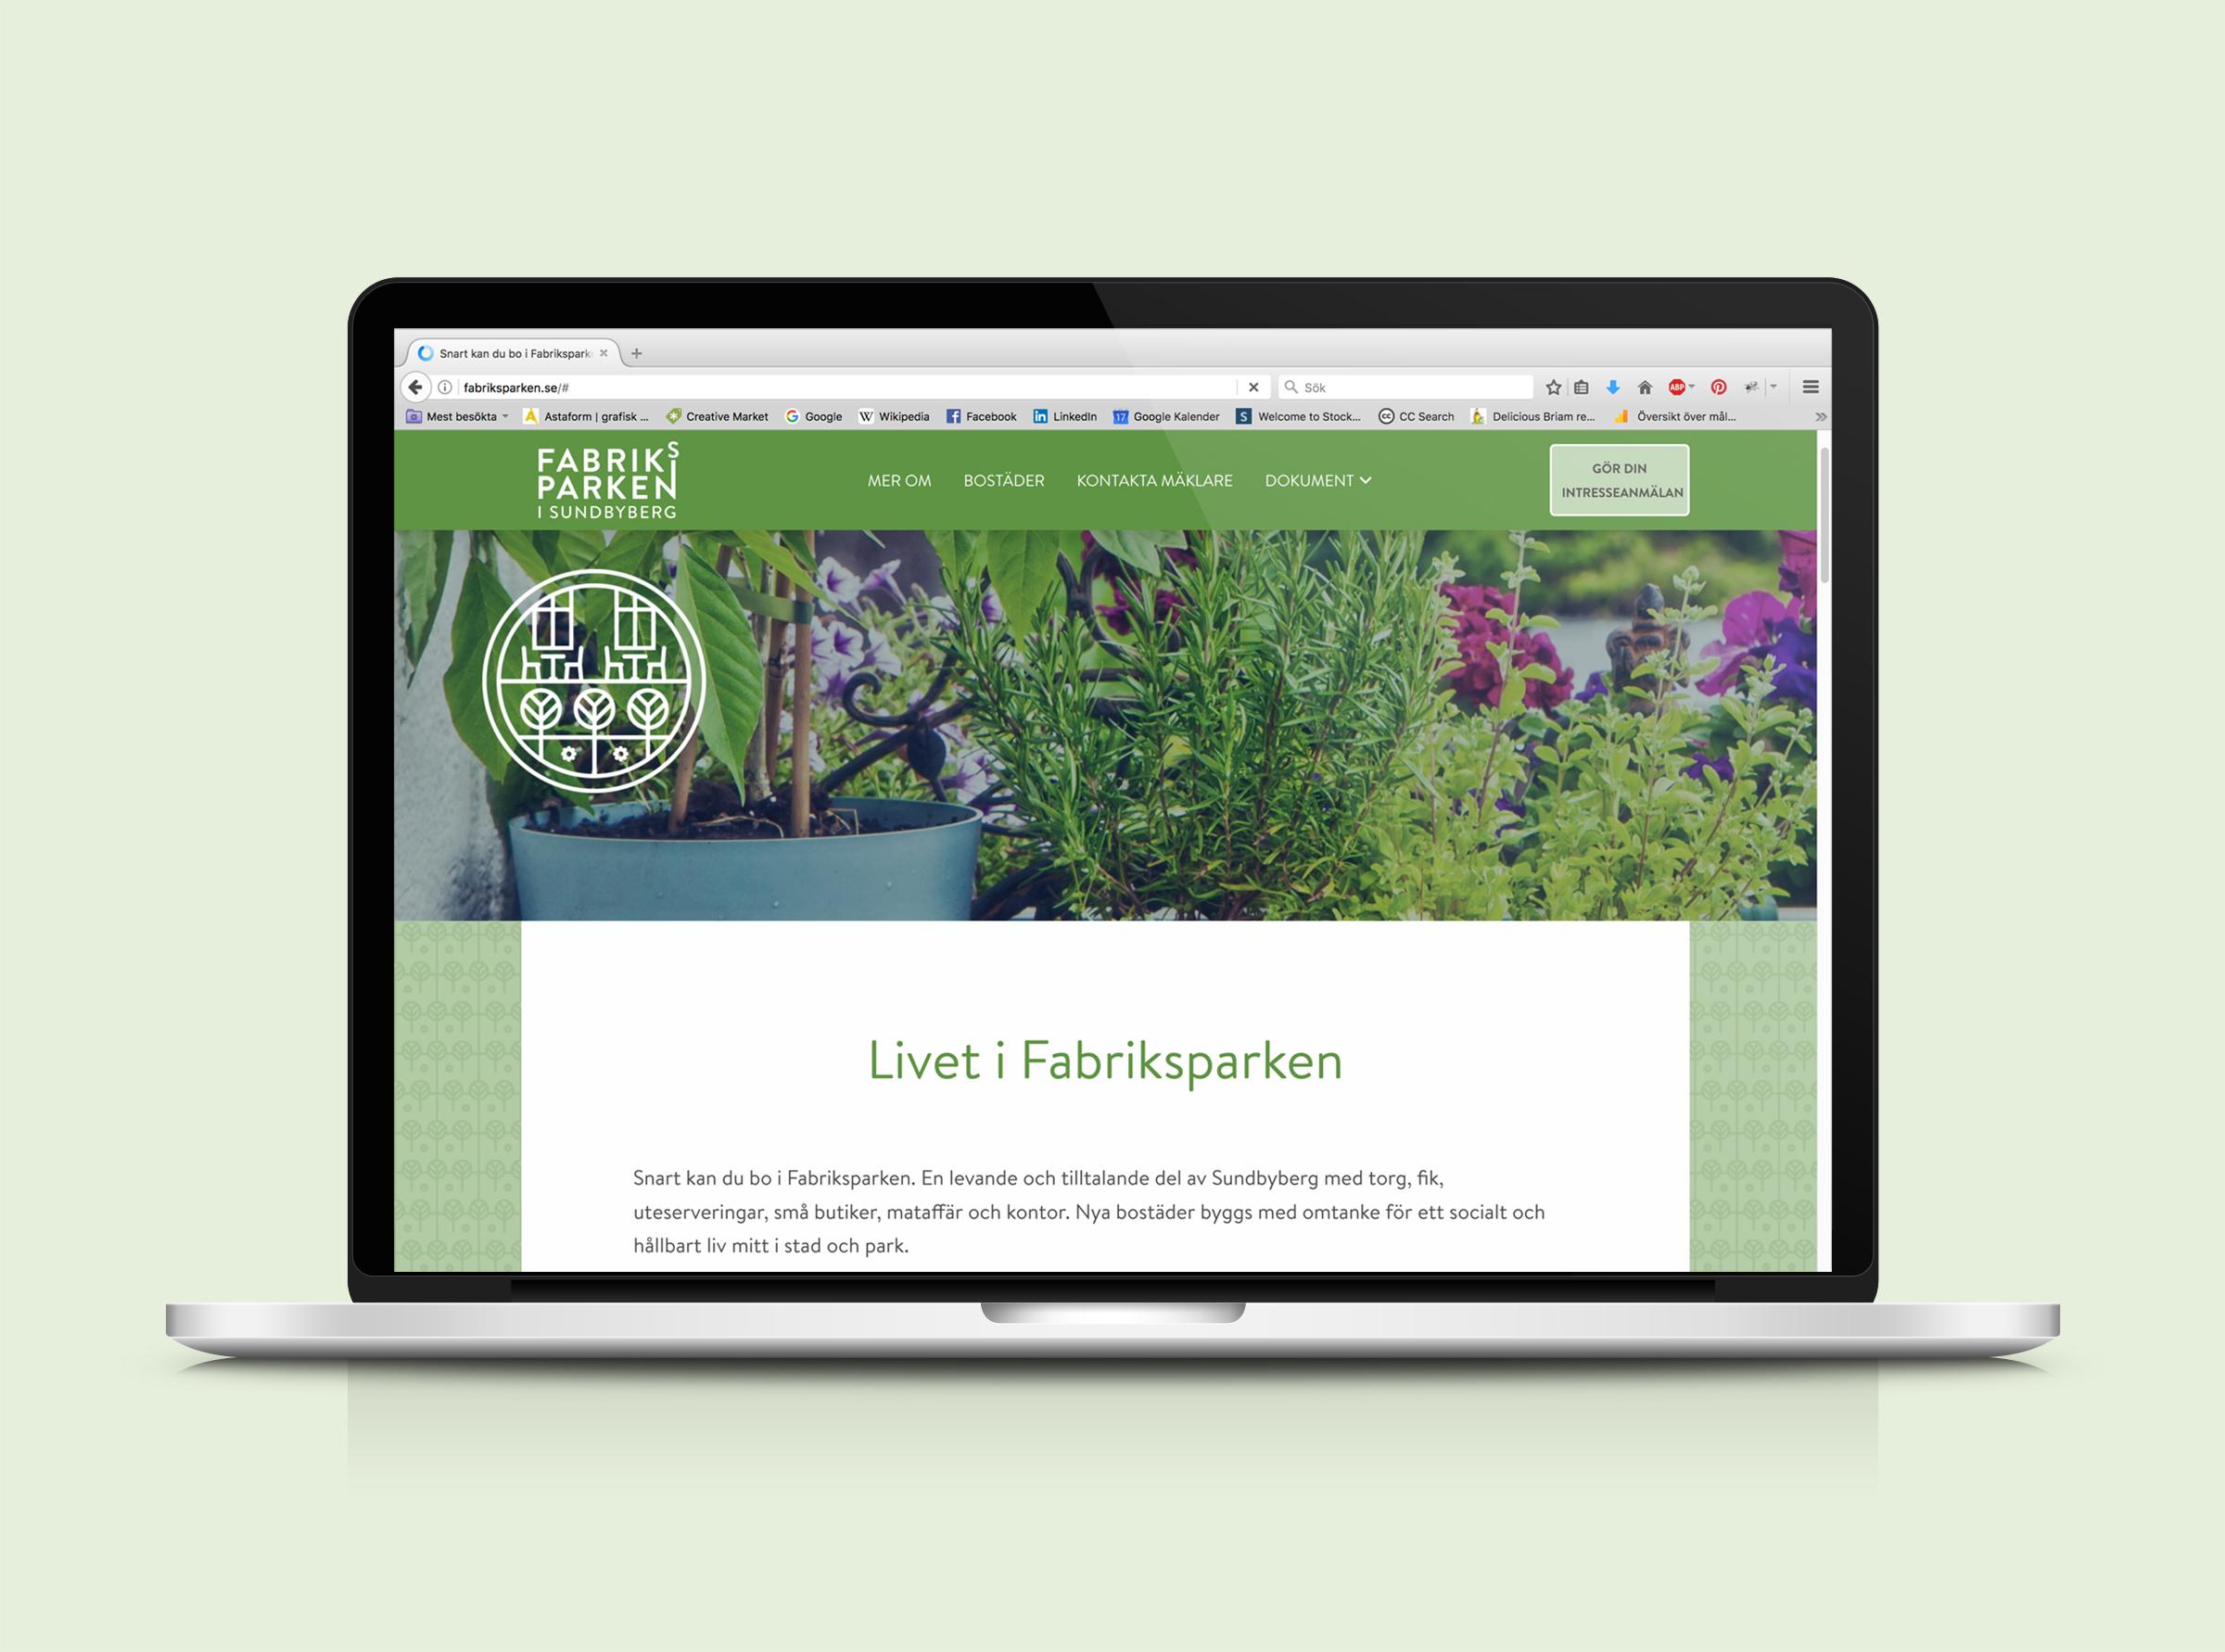 webbdesign hemsida logotyp varumärke kommun område grafisk profil identitet designbyrå reklambyrå stockholm grafisk formgivning design